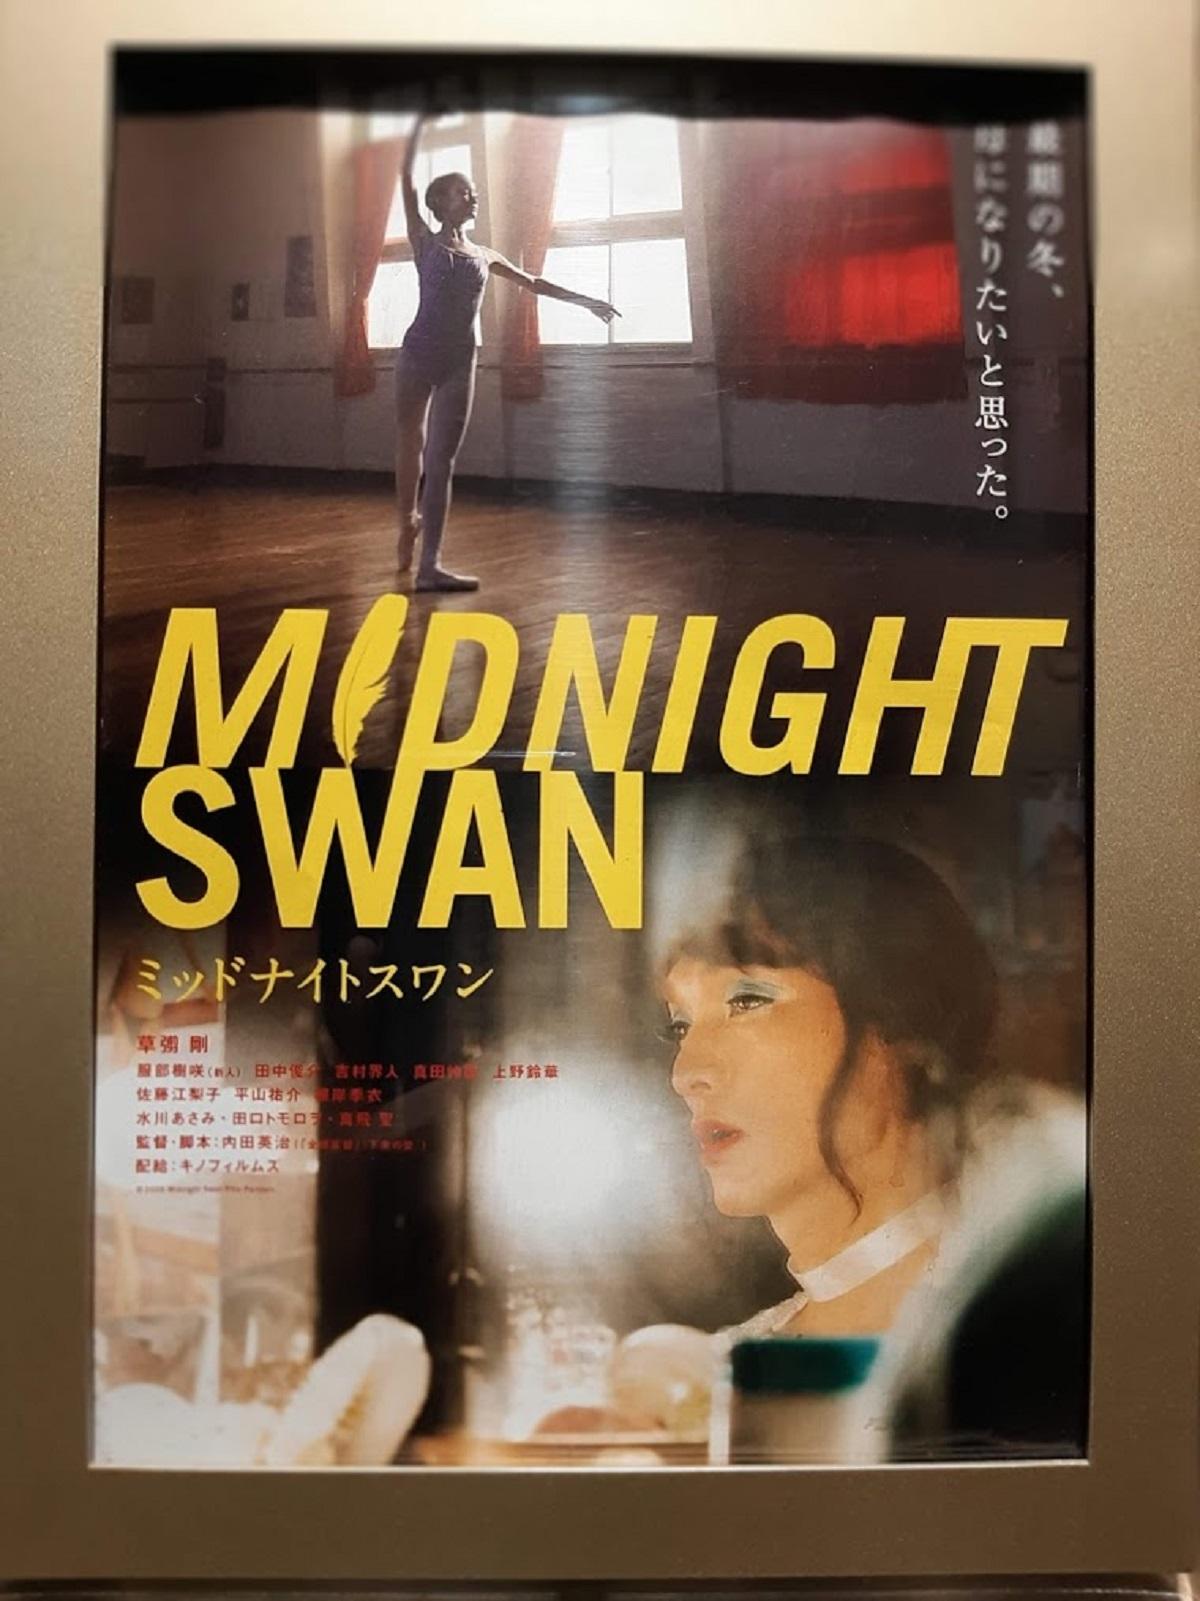 映画『ミッドナイトスワン』のチラシポスター